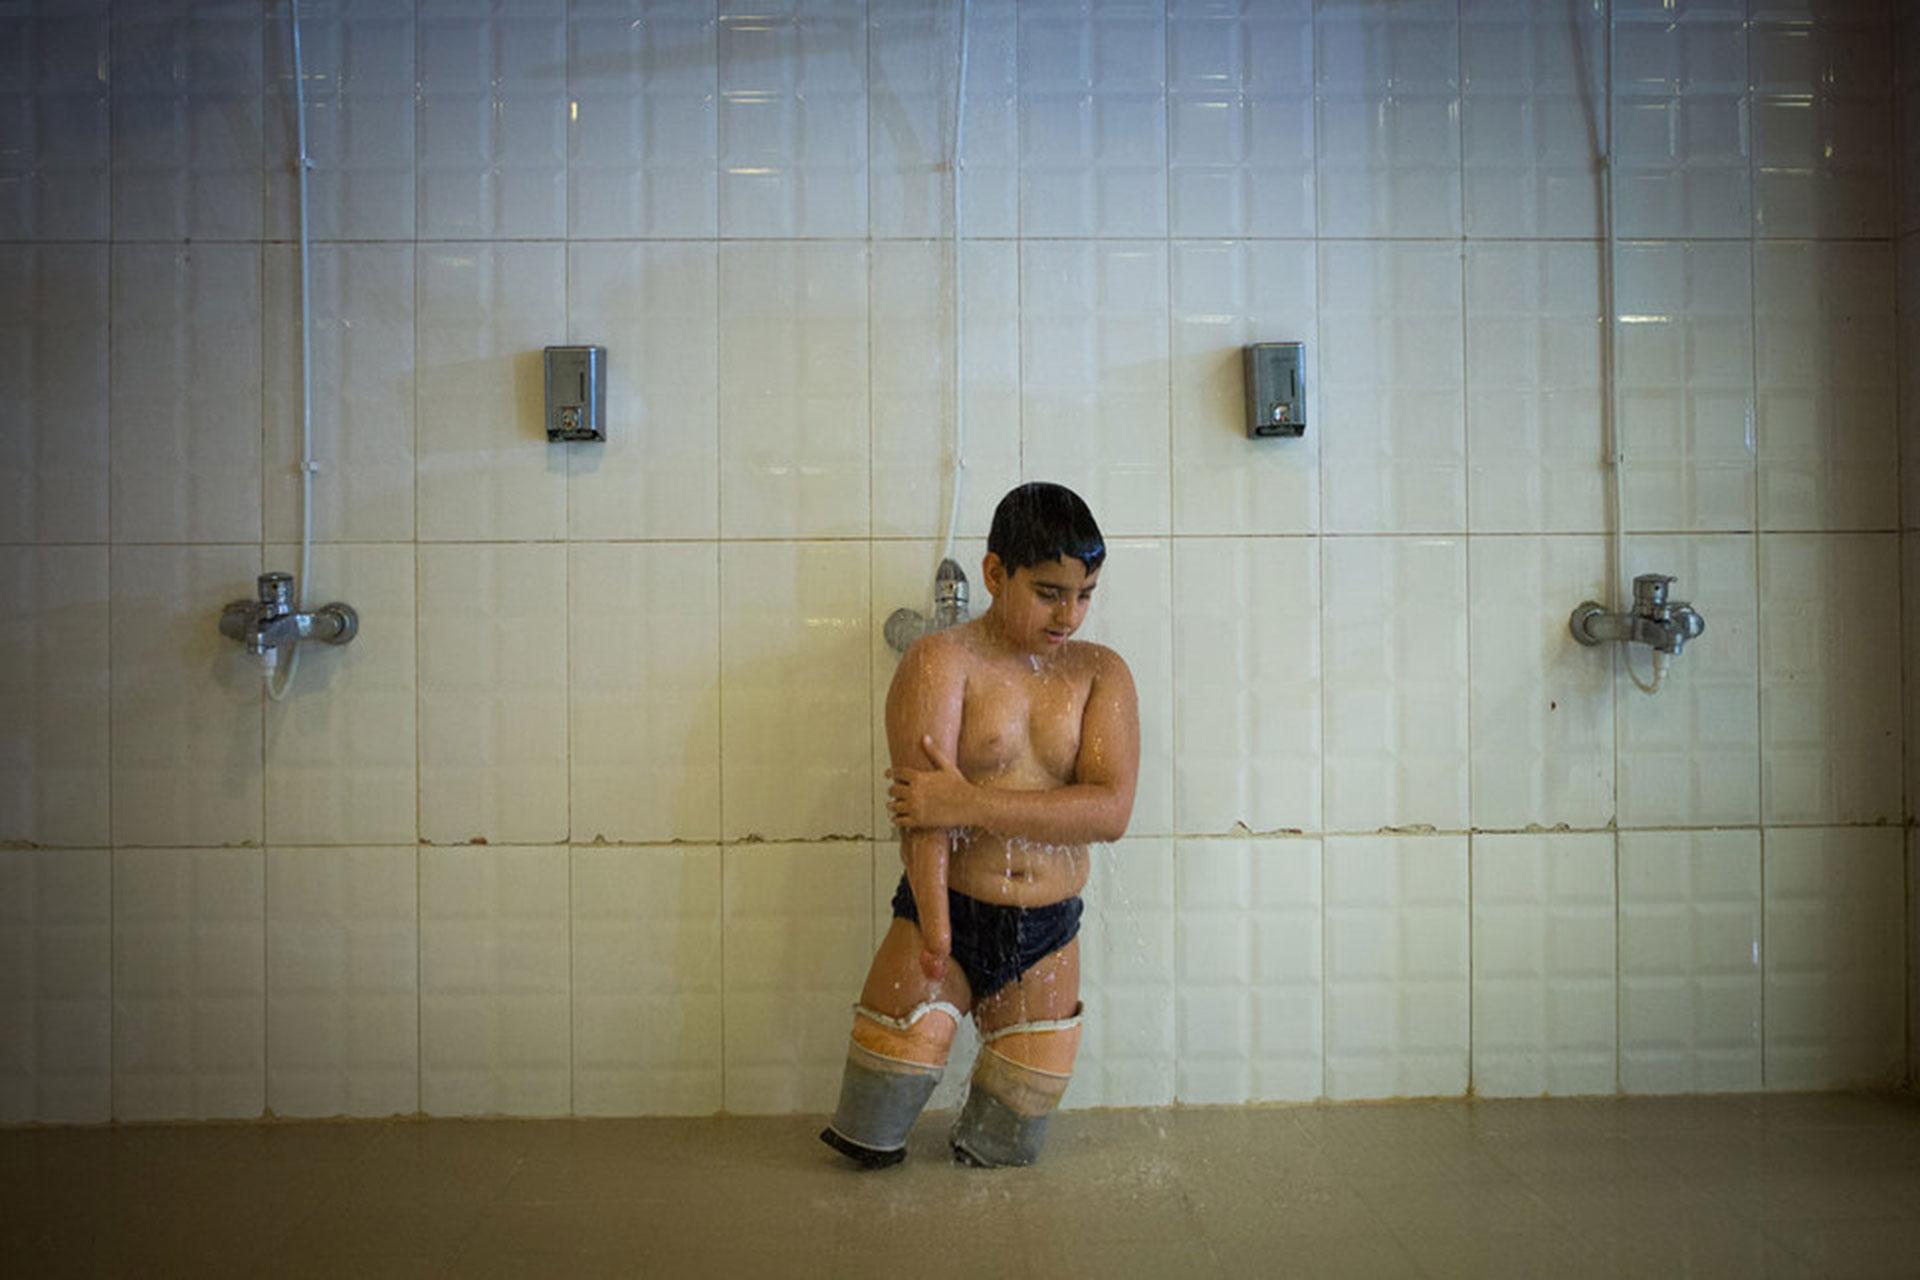 """Competencia """"Profesional"""" – Categoría """"Deportes"""": campeonatos de Natación para Niños Discapacitados en la piscina para discapacitados de la provincia de Teherán, Irán. (Gentileza Sony World Photography Awards)"""